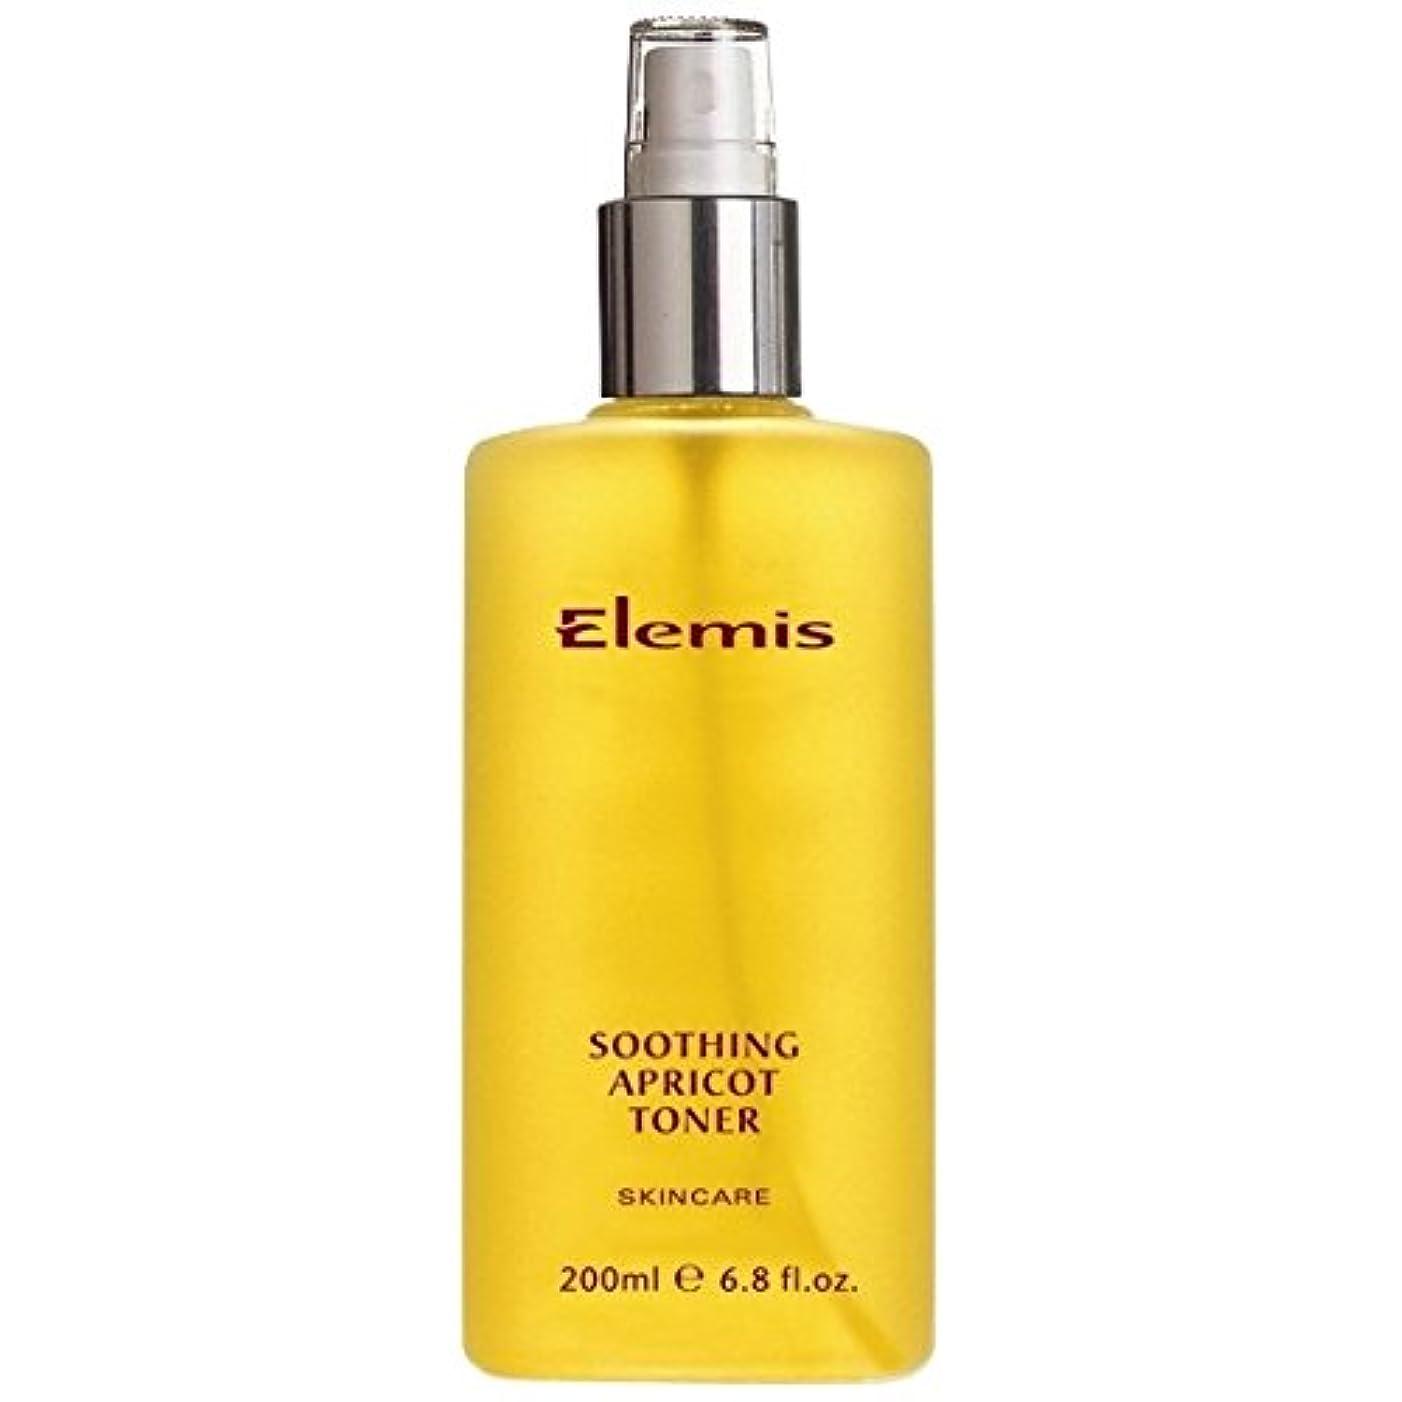 本を読む不従順寺院エレミスはなだめるようなアプリコットトナーをスキンケア (Elemis) (x2) - Elemis Skincare Soothing Apricot Toner (Pack of 2) [並行輸入品]